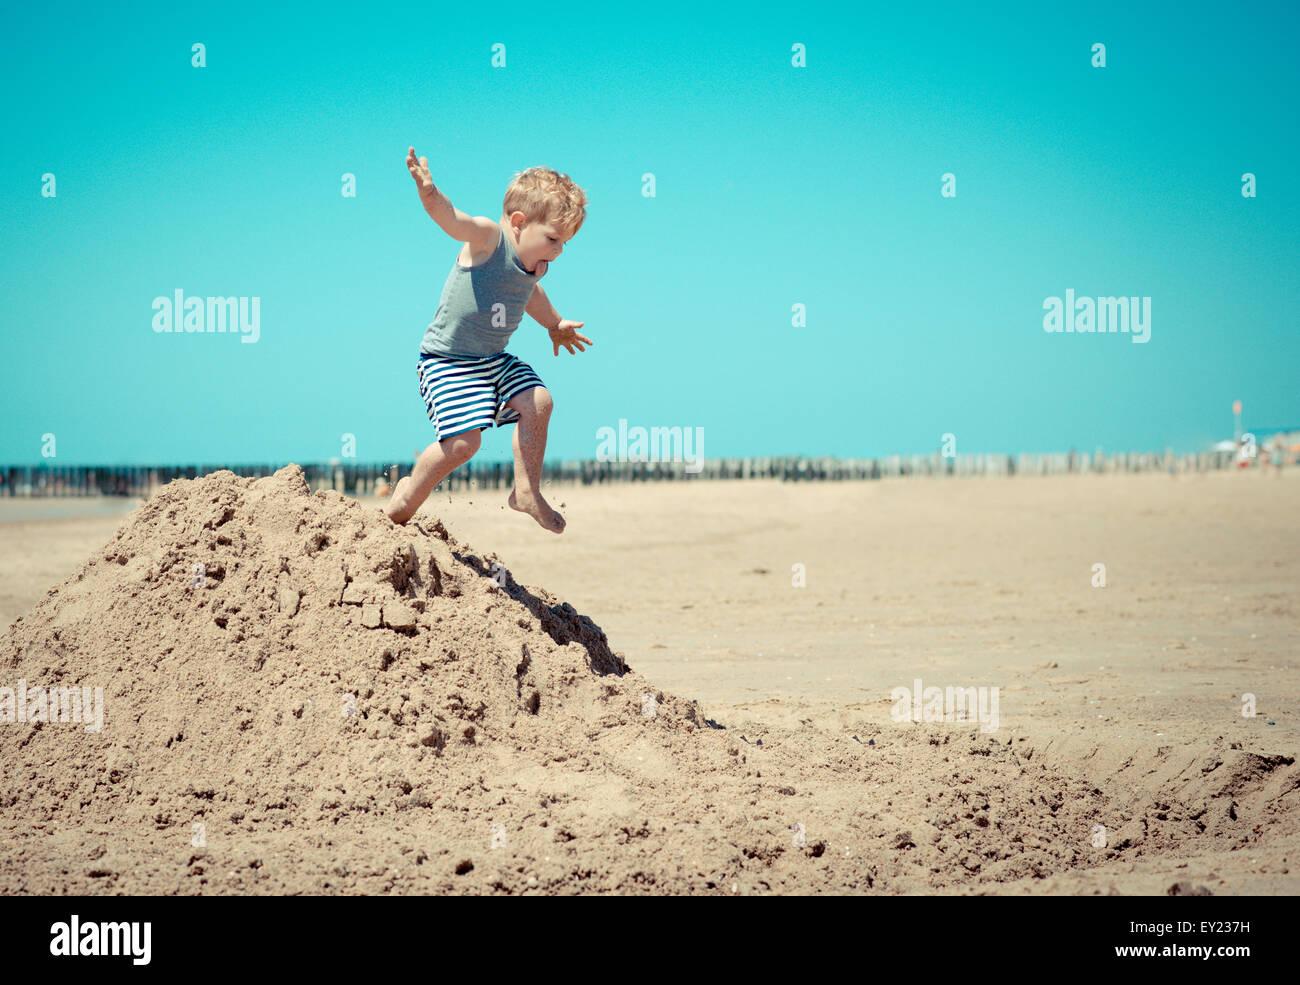 kleine junge Kind am Strand von einem Hügel springen Stockbild